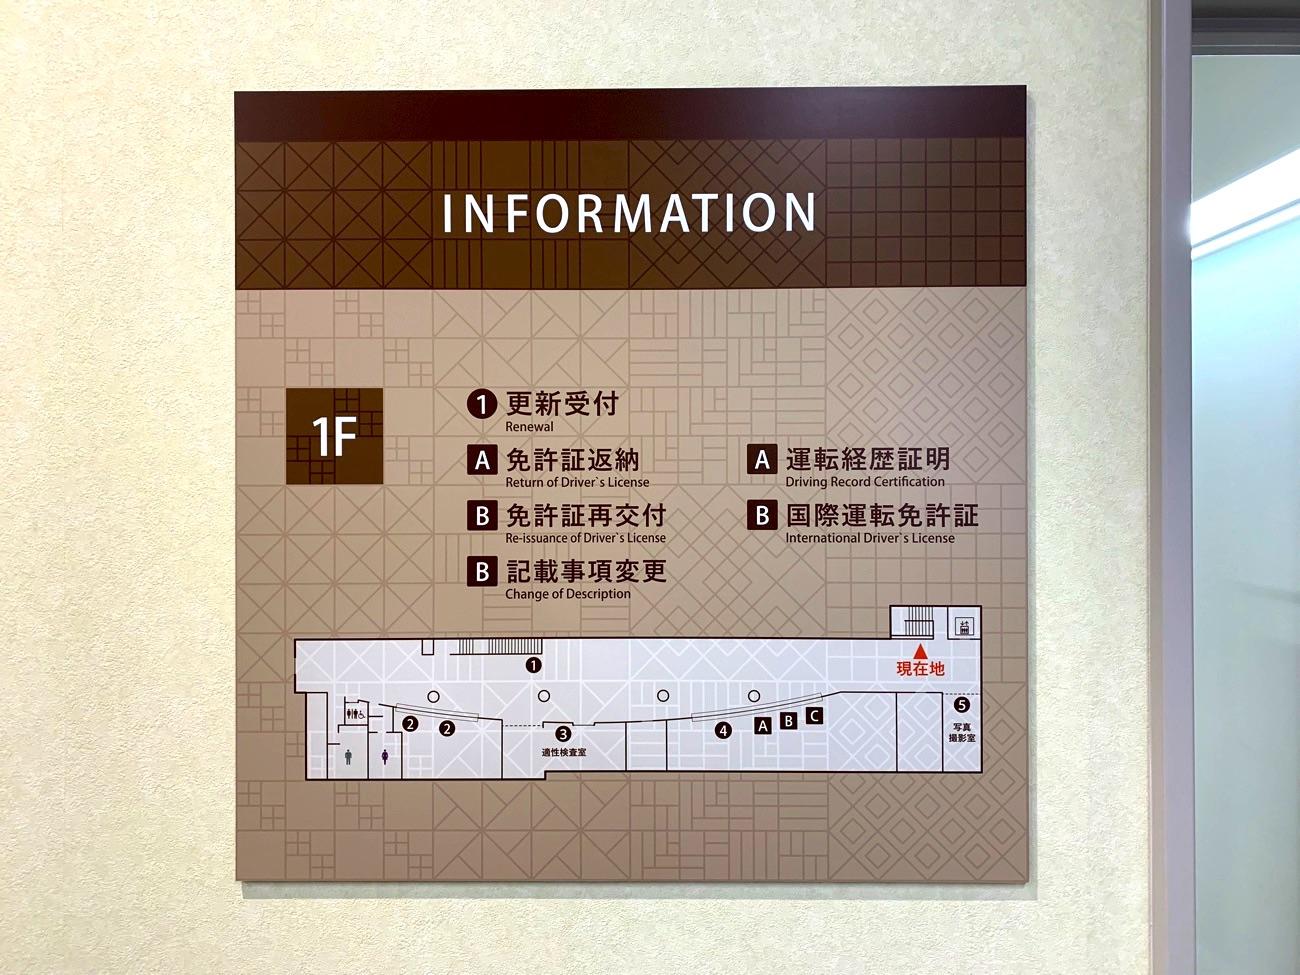 京都駅前運転免許更新センター1Fフロア図